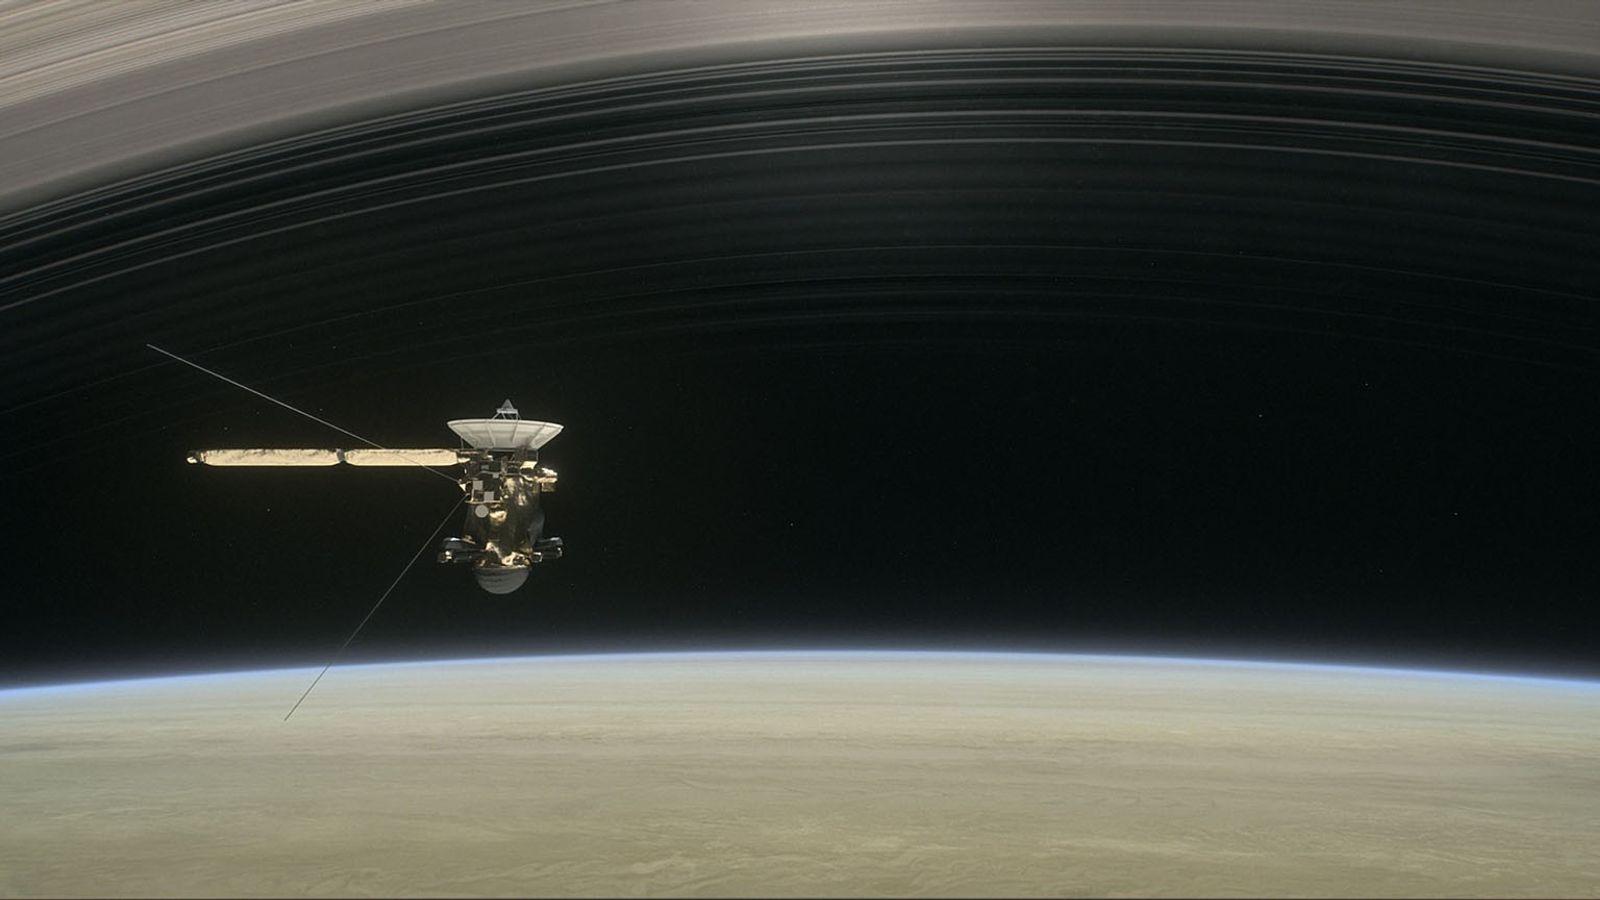 Na ilustração, a espaçonave Cassini navega entre Saturno e seus anéis em sua última missão.